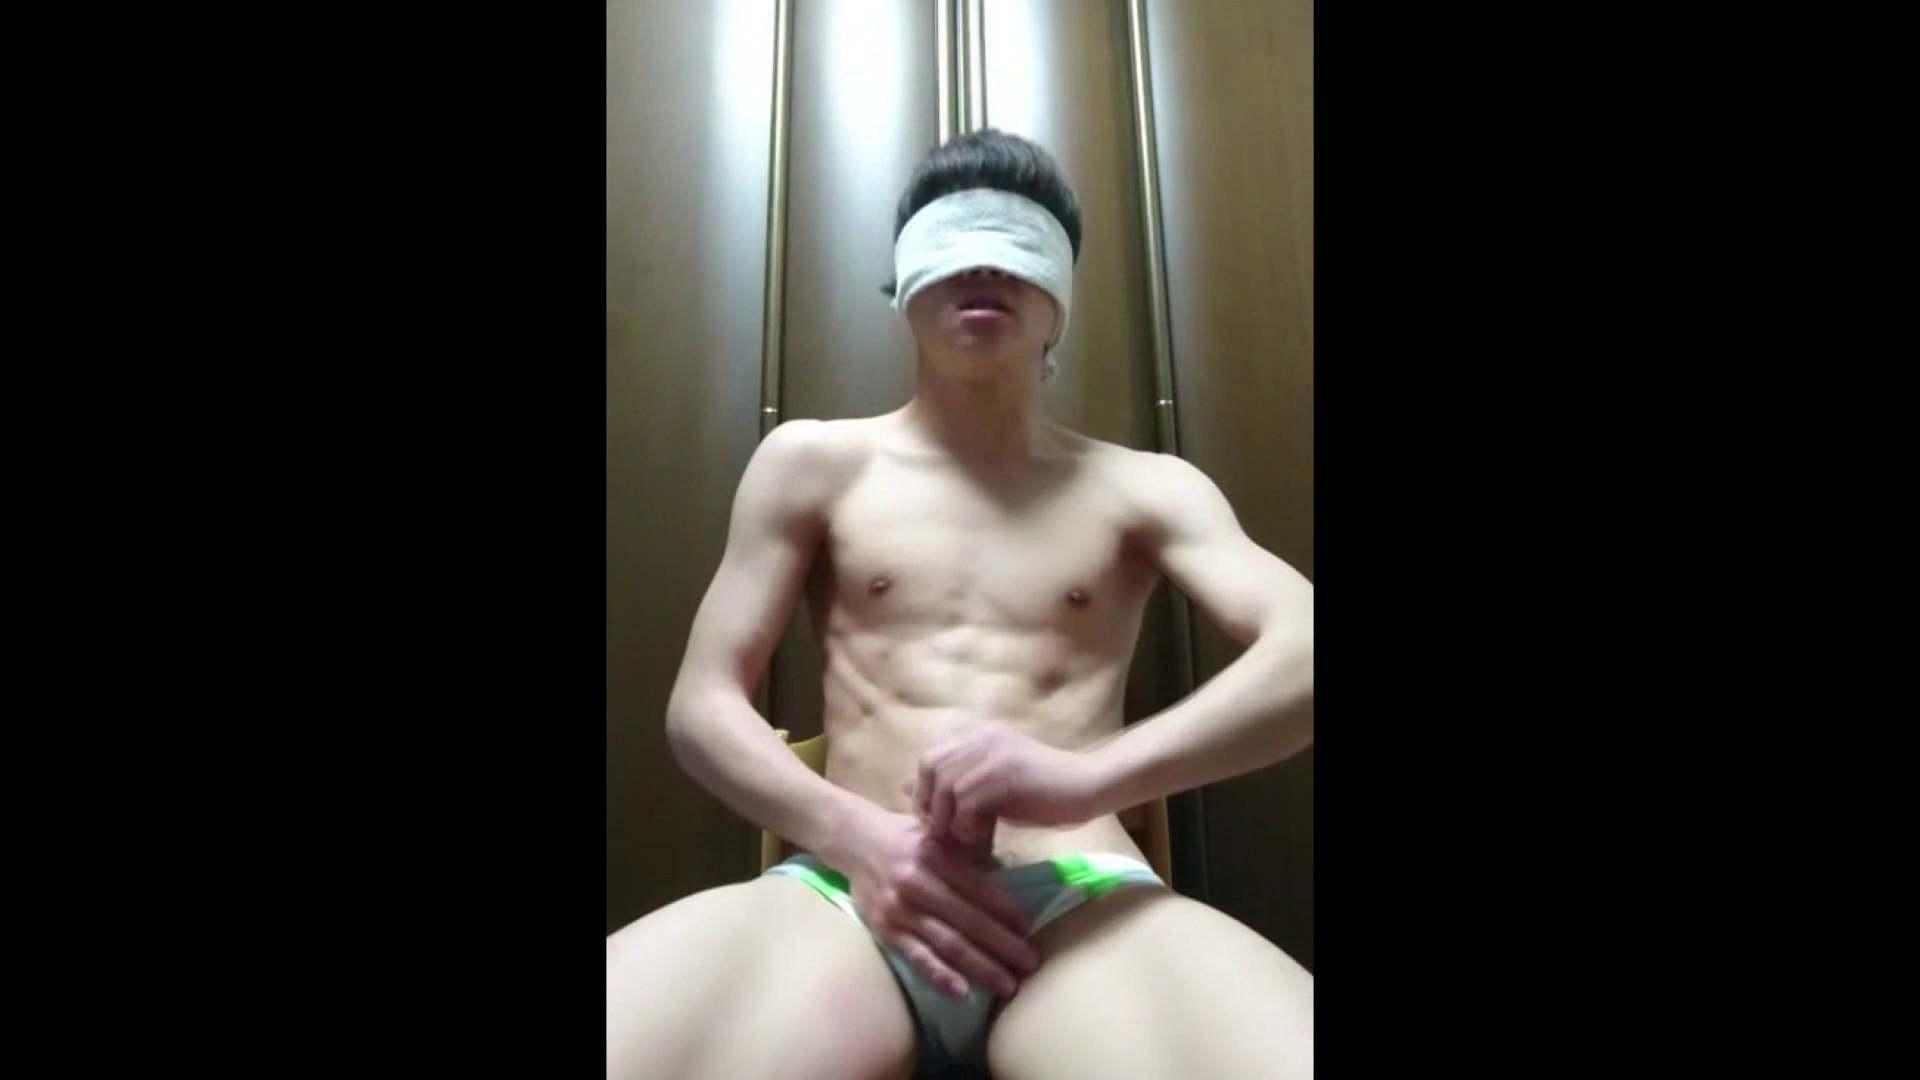 個人撮影 自慰の極意 Vol.21 個人撮影 ゲイエロ動画 93pic 55